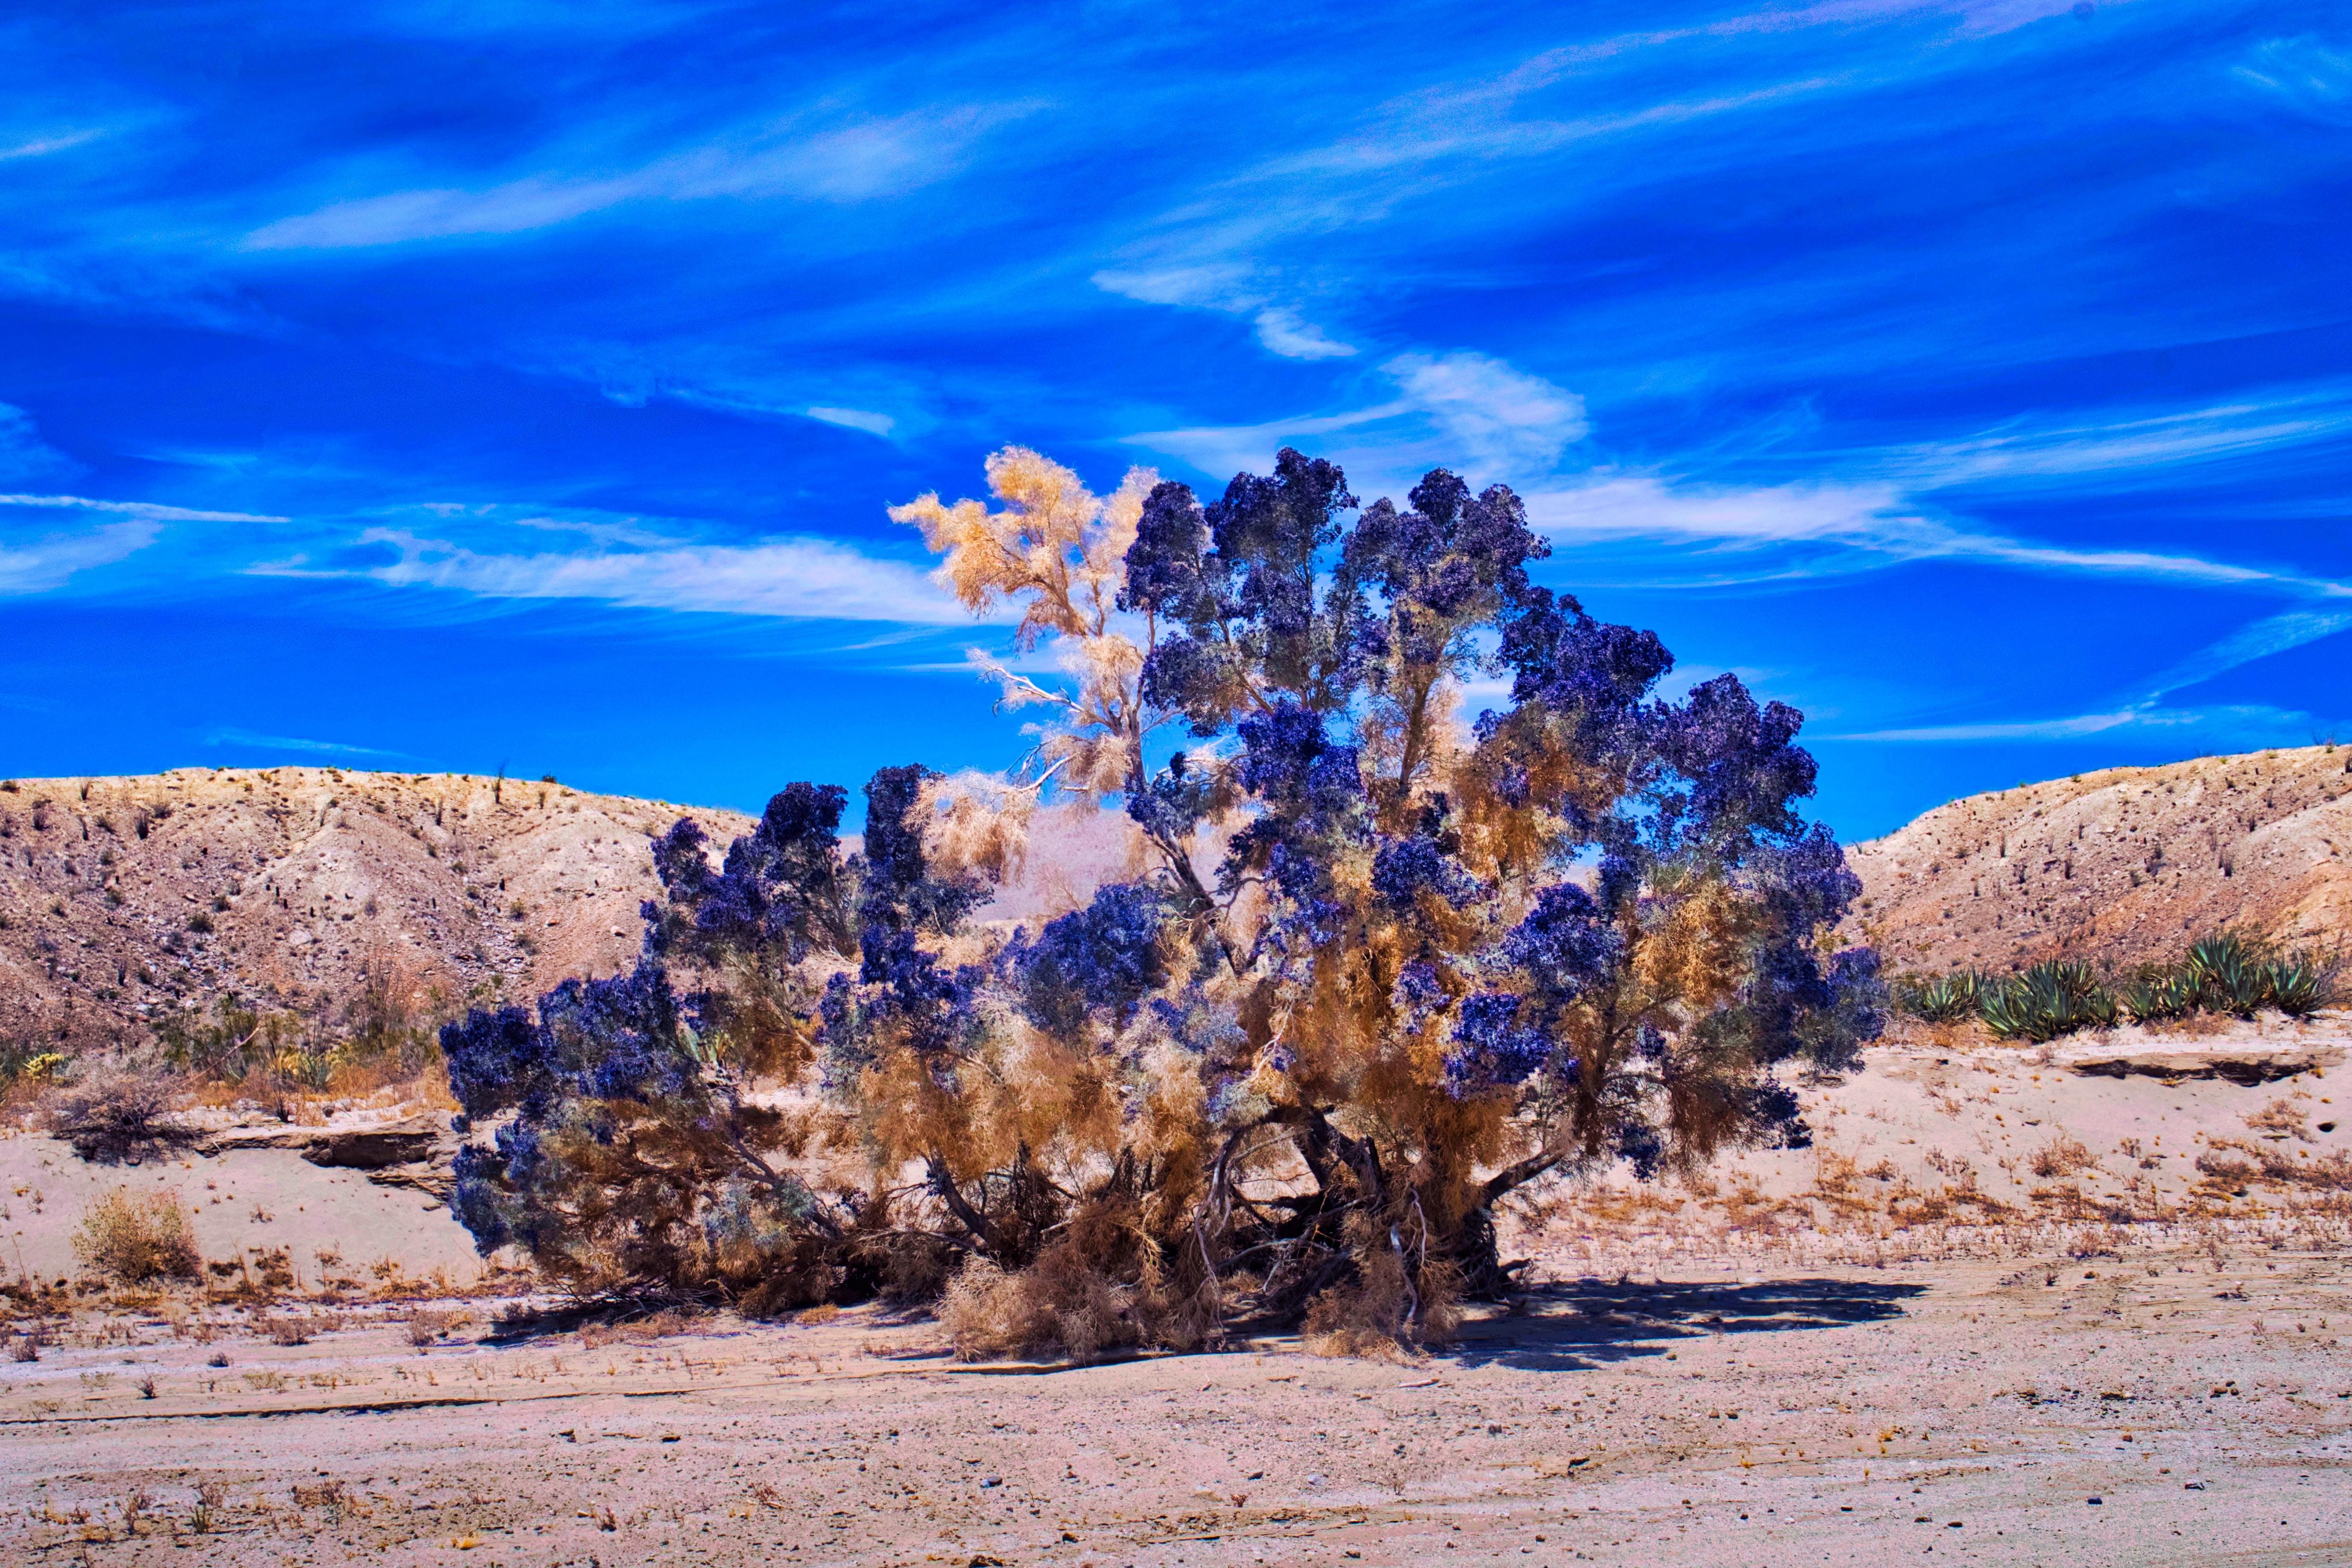 brown tree at desert during daytime